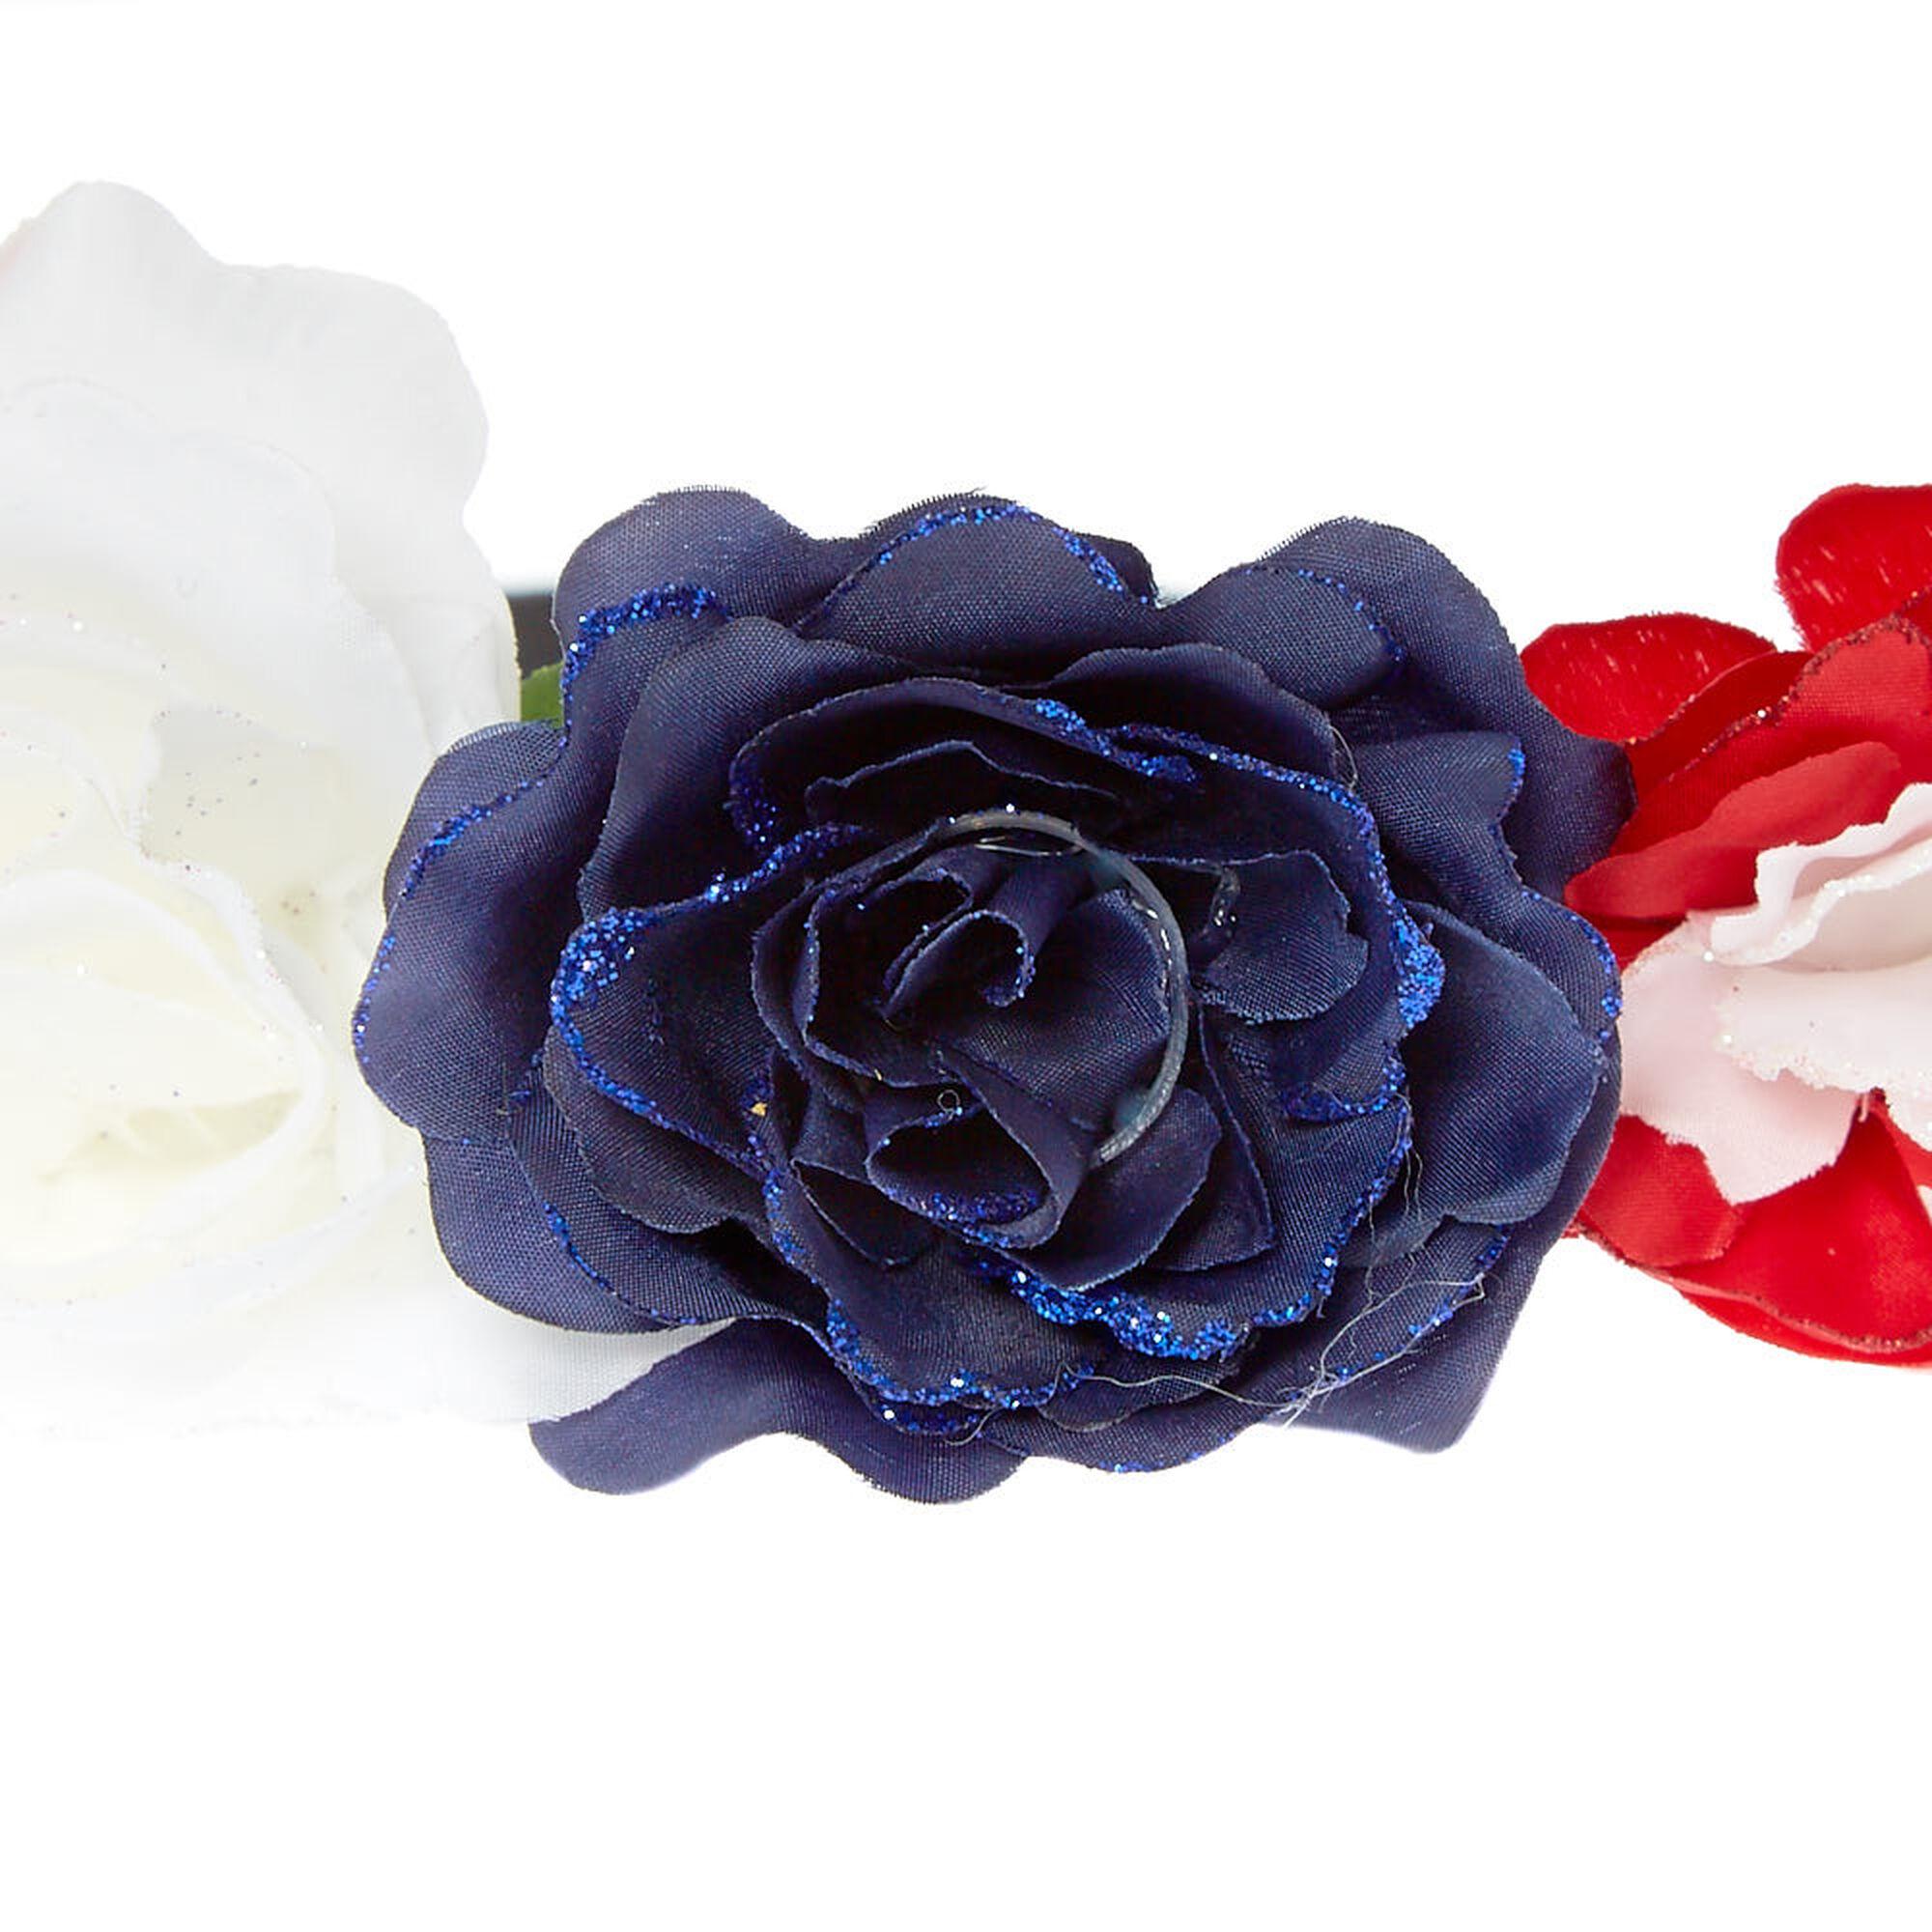 Patriotic flower crown headwrap icing us patriotic flower crown headwrap izmirmasajfo